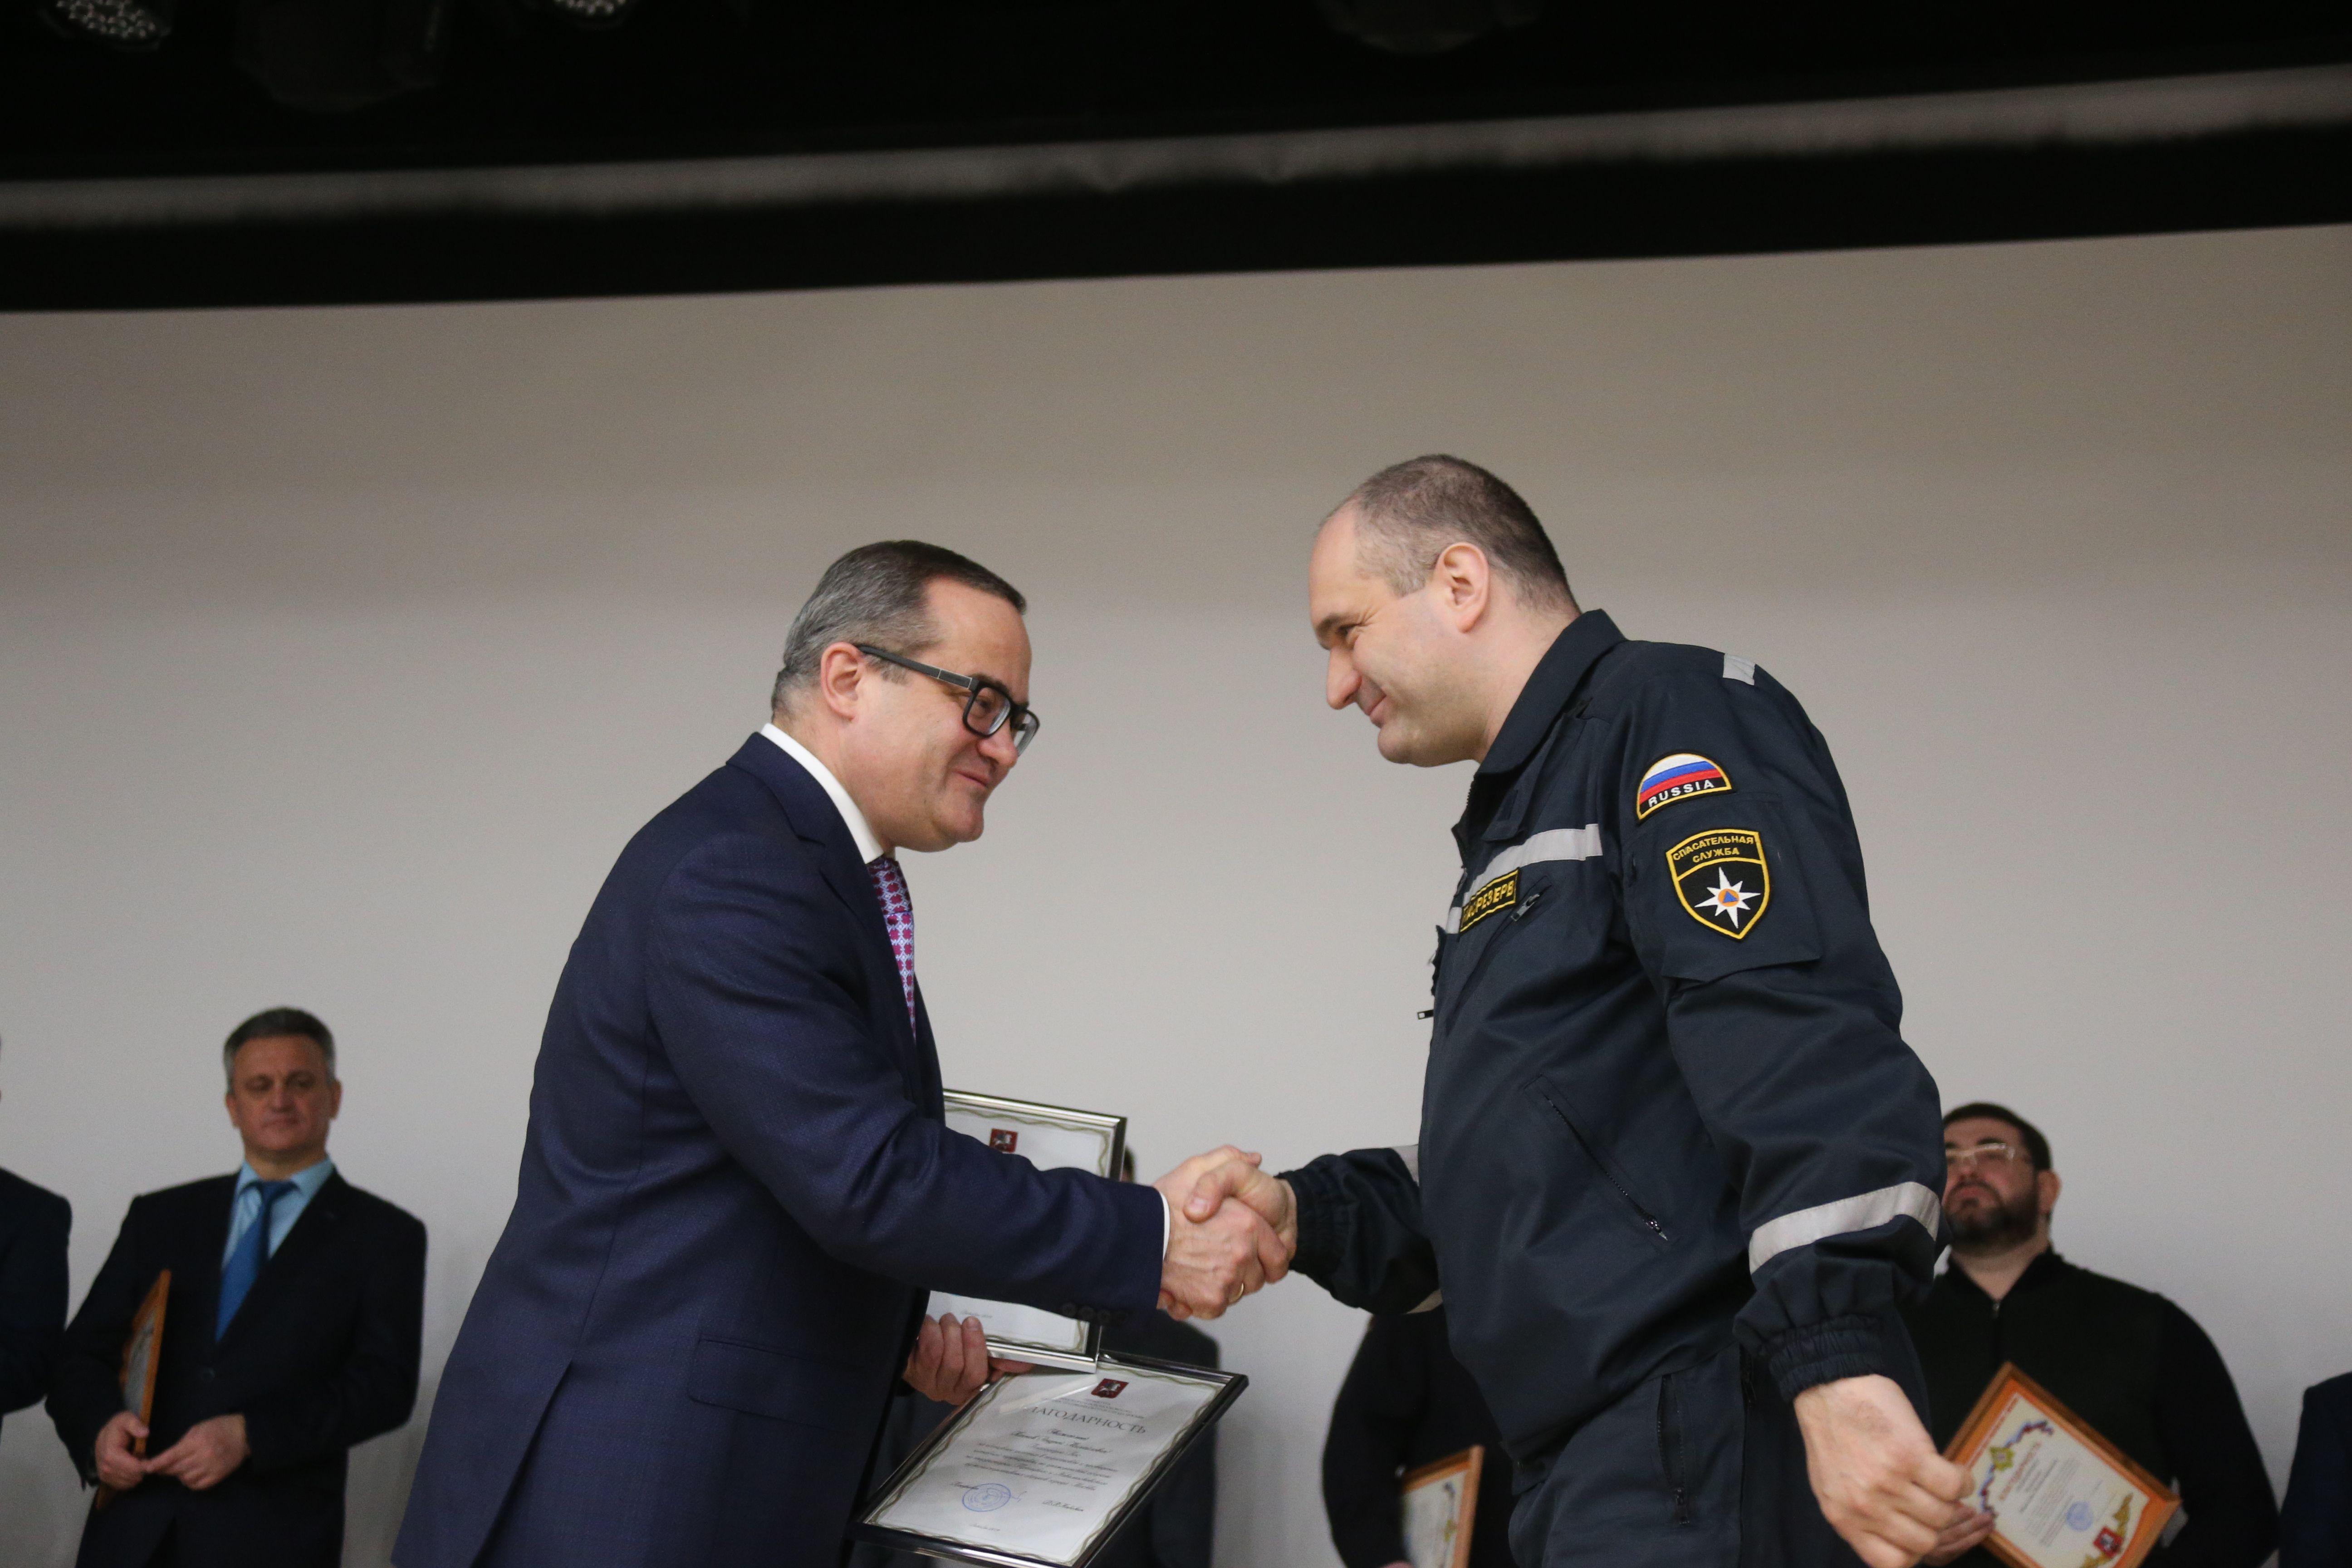 Итоги окружного звена МГСЧС за 2019 год подвели в префектуре Новой Москвы